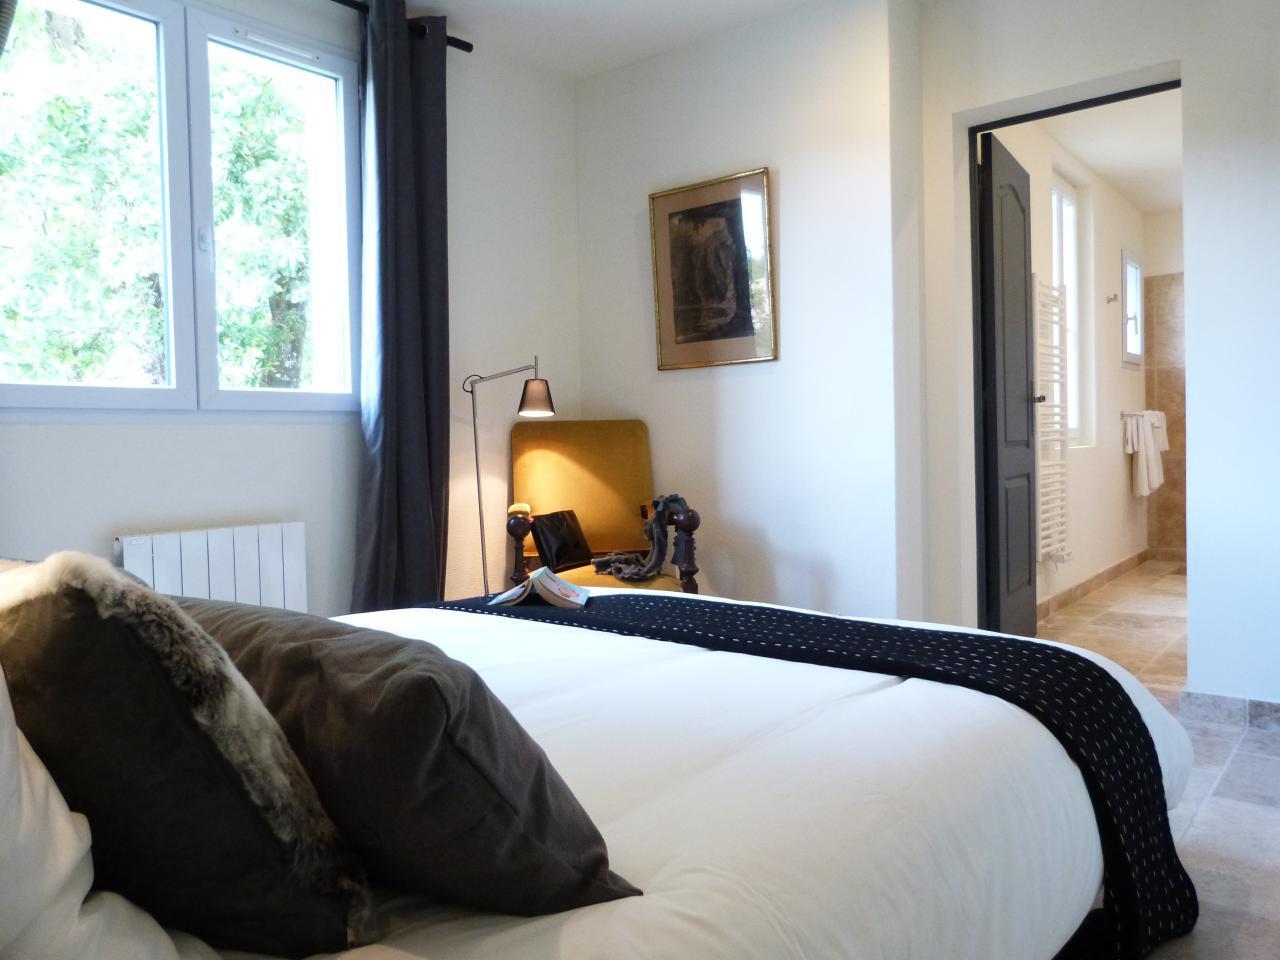 Maison de vacances Exklusives Landhaus mit Top-Küche, beheizter Pool, Naturgarten, unweit von St. Emilion, Bo (1040506), Martillac, Gironde, Aquitaine, France, image 26